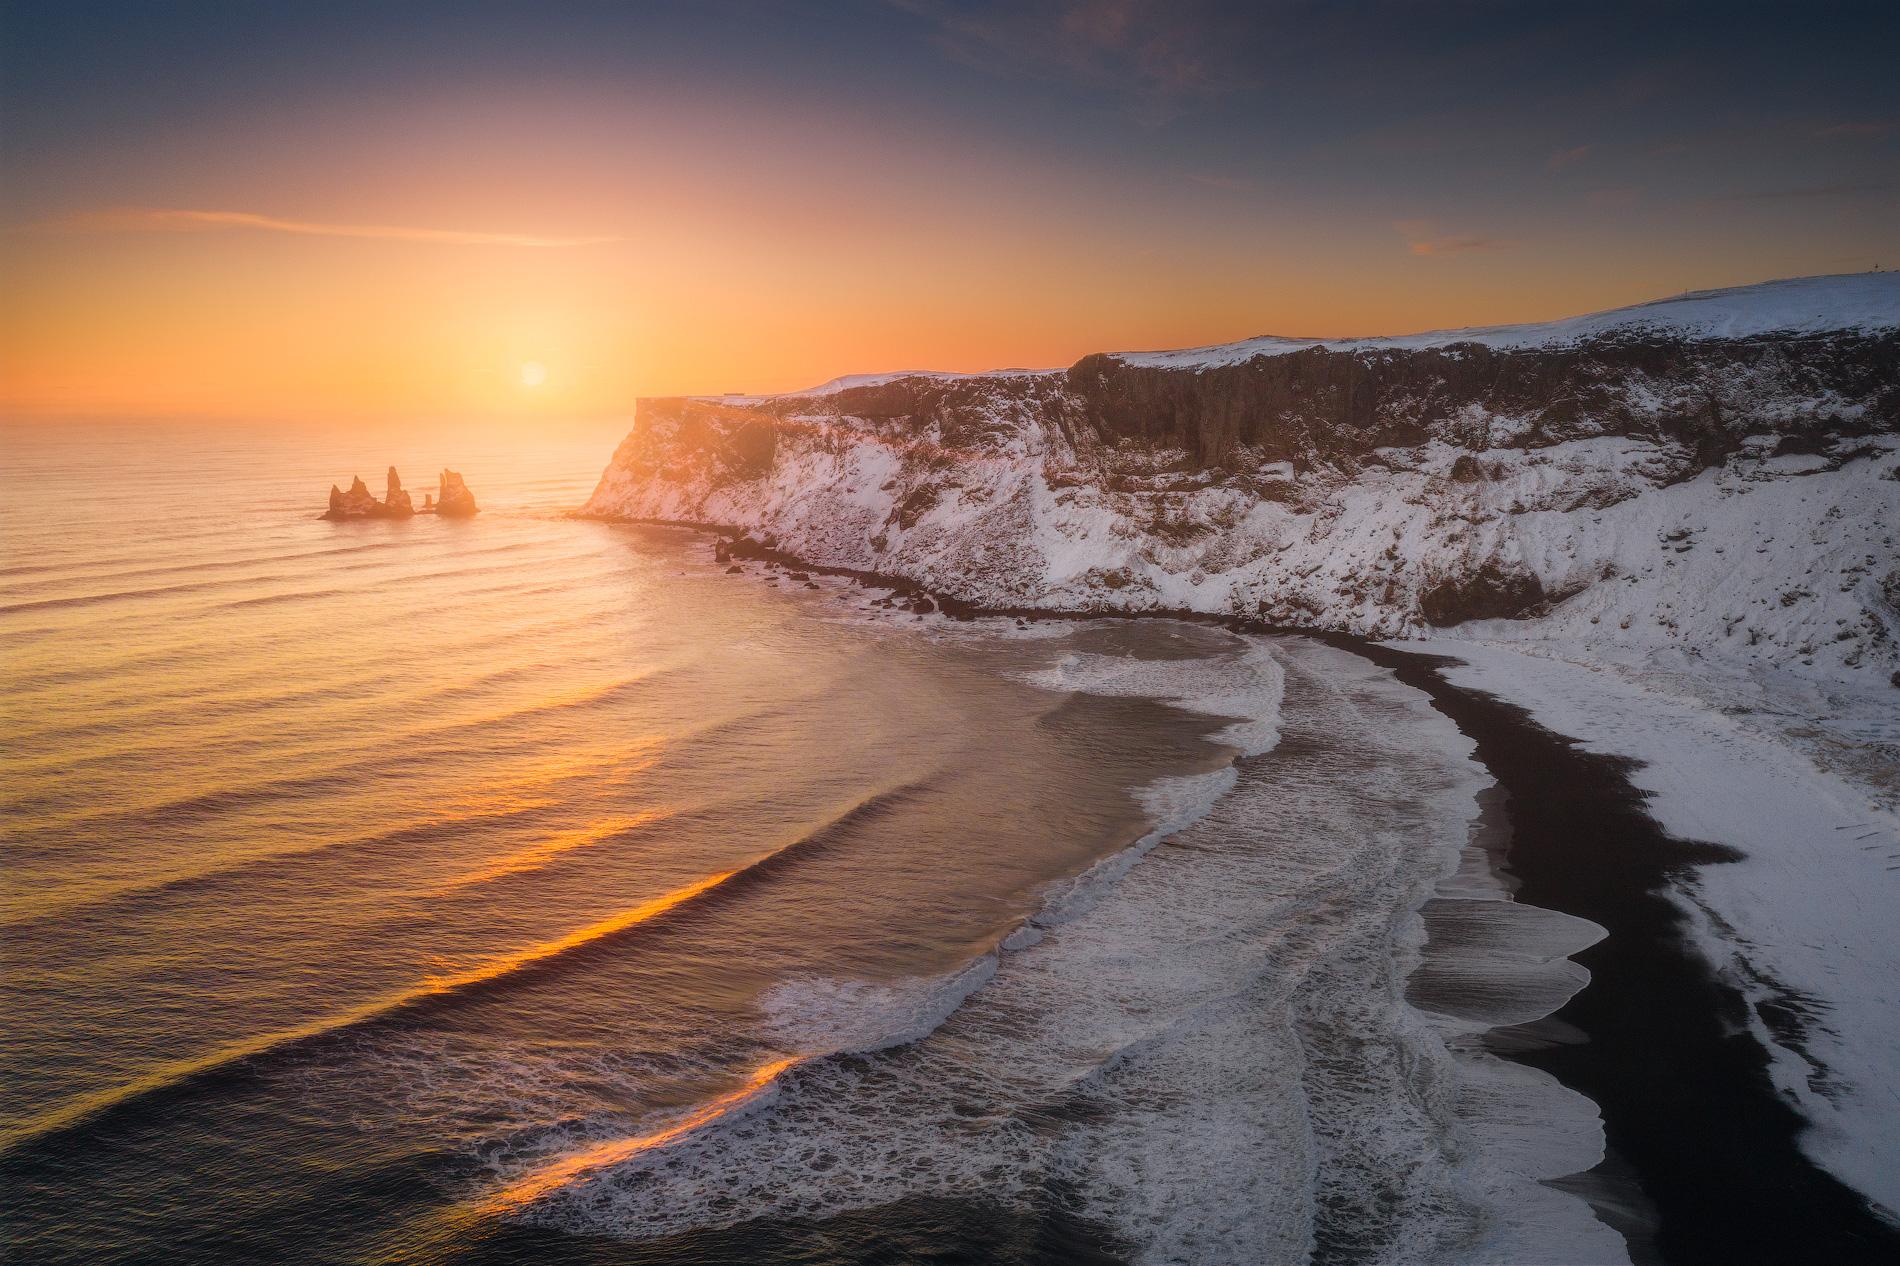 Selon la légende, les rochers de Reynisdrangar seraient des trolls pétrifiés par la lumière du soleil.